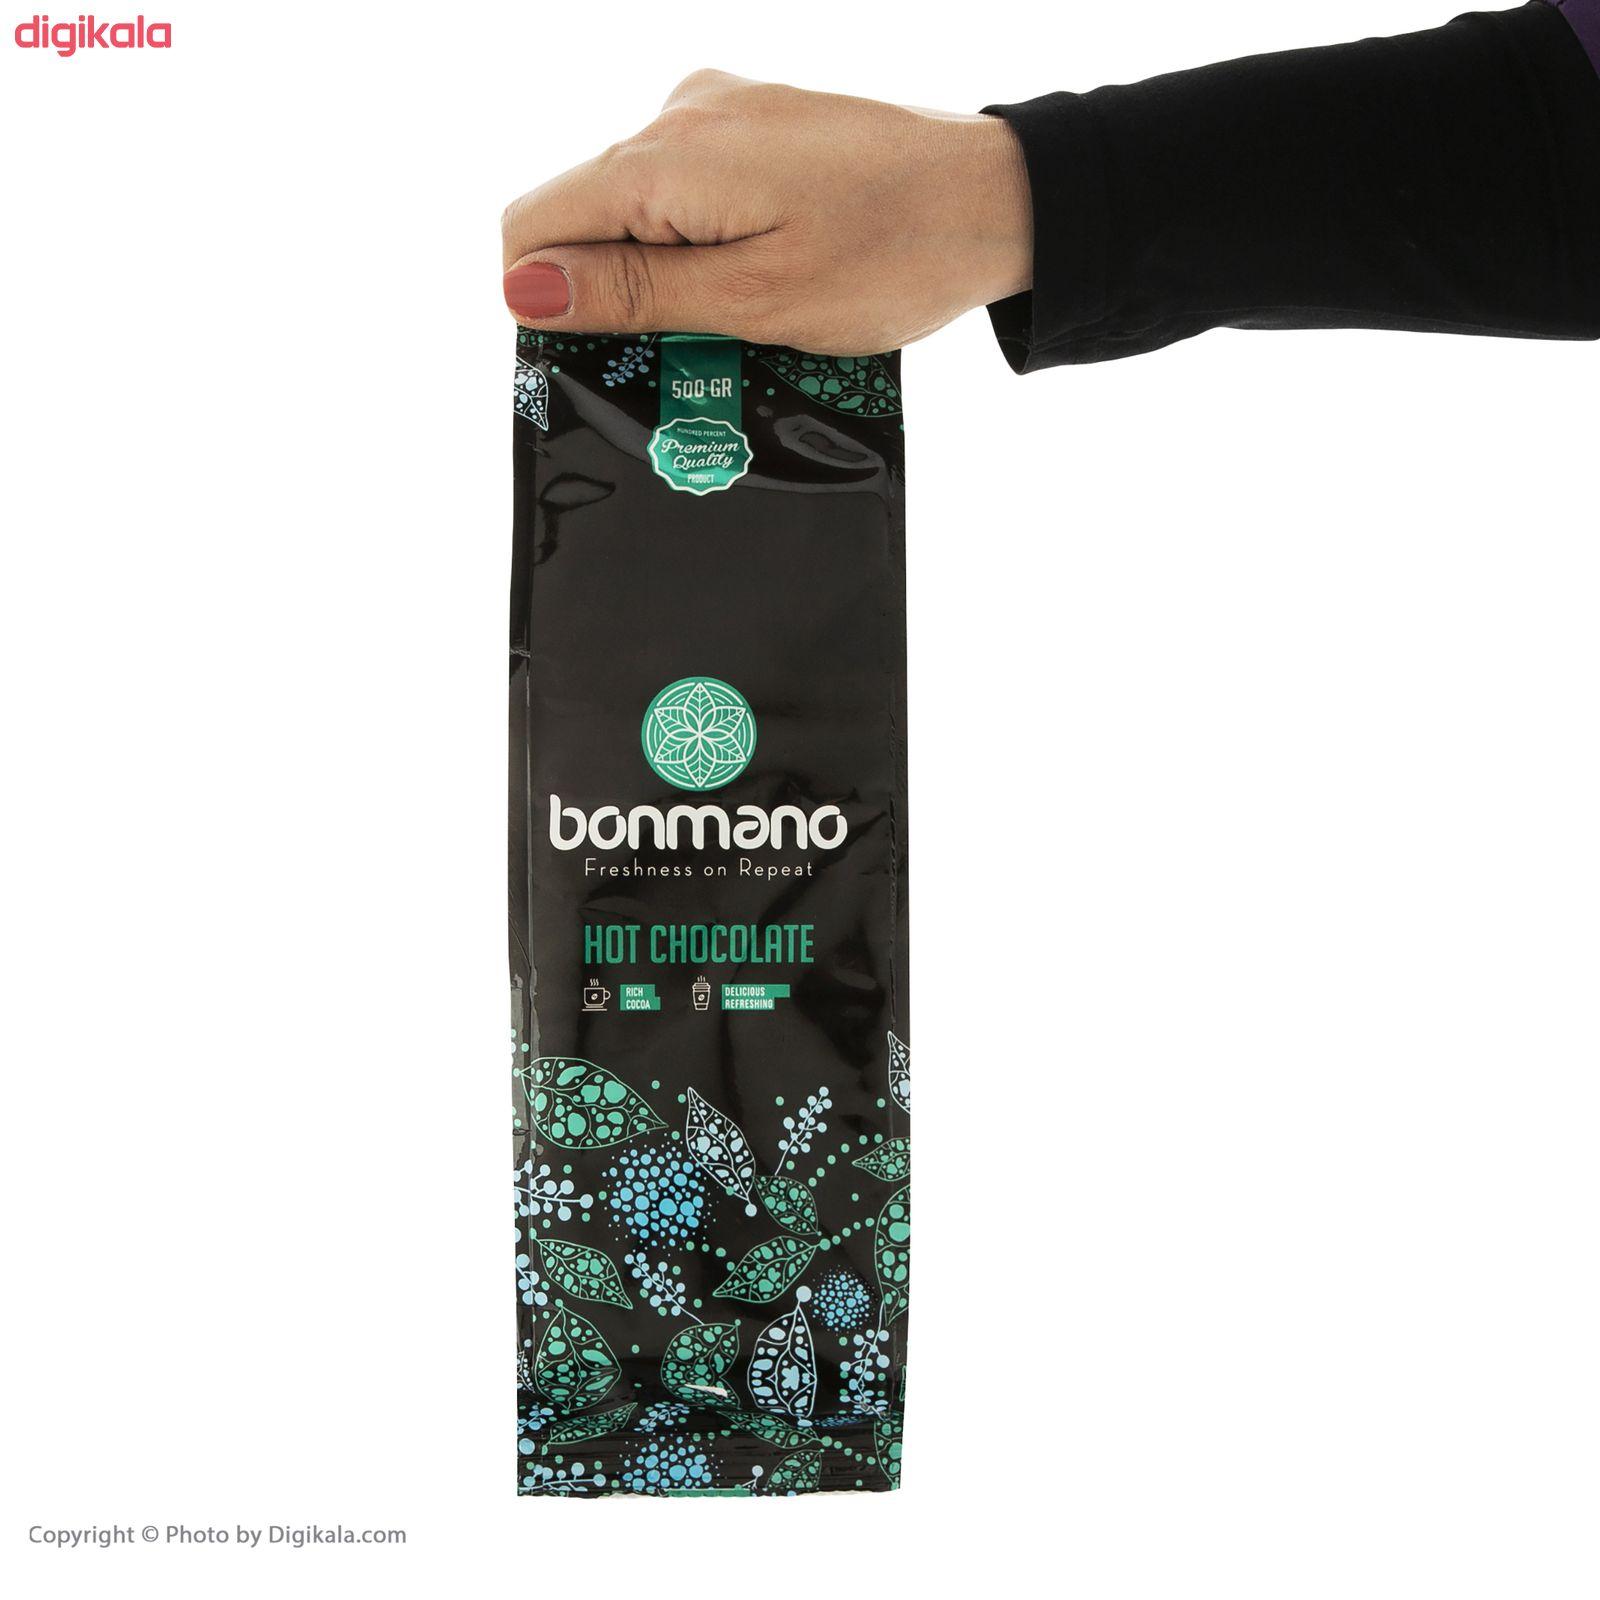 هات چاکلت بن مانو - 500 گرم  main 1 1